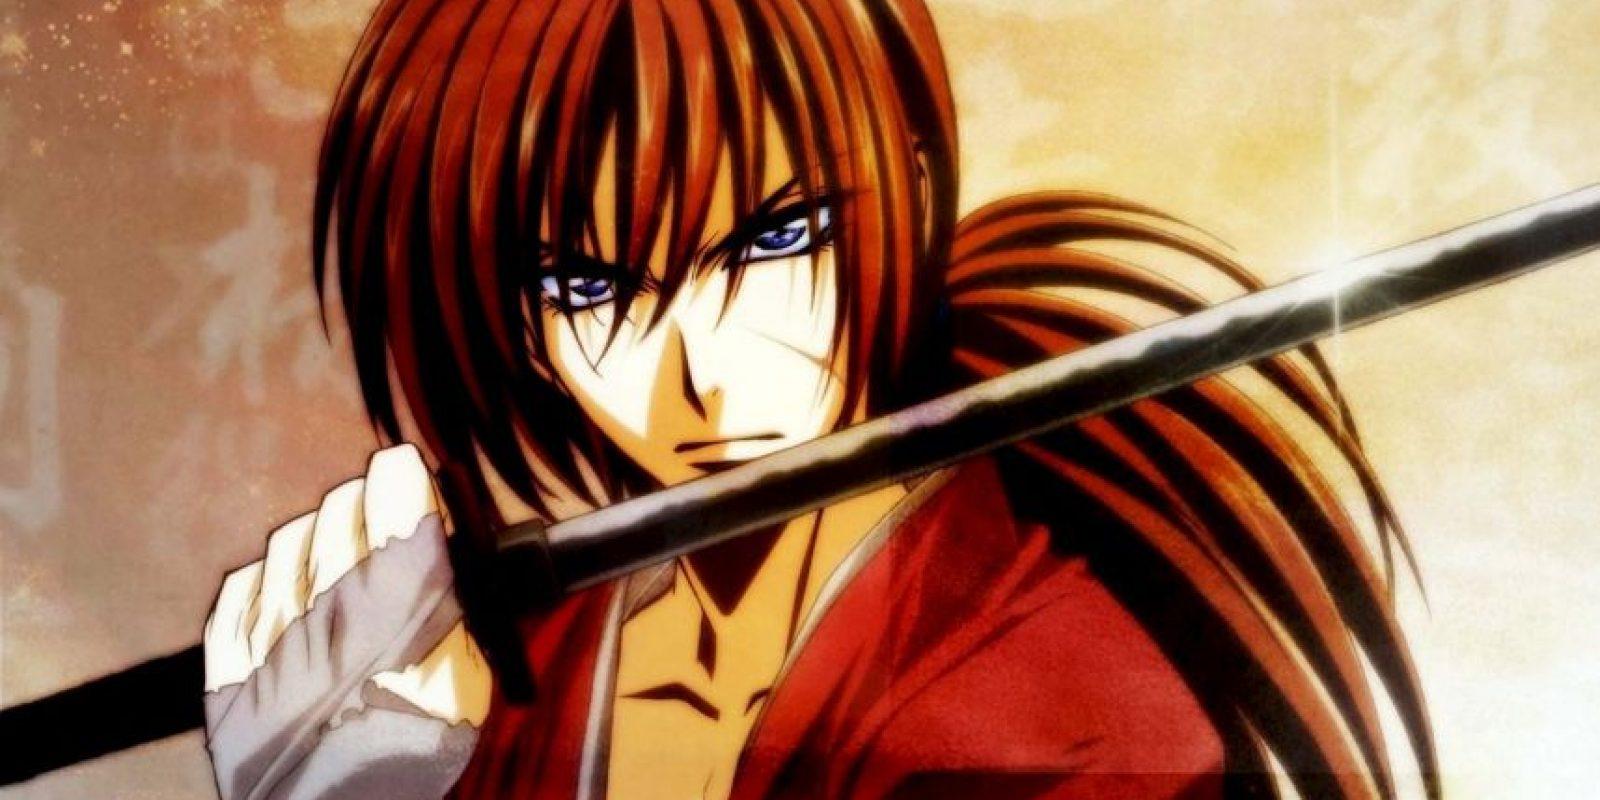 La fecha de nacimiento de Kenshin es el 20 de junio de 1849. Foto:vía Fuji Tv